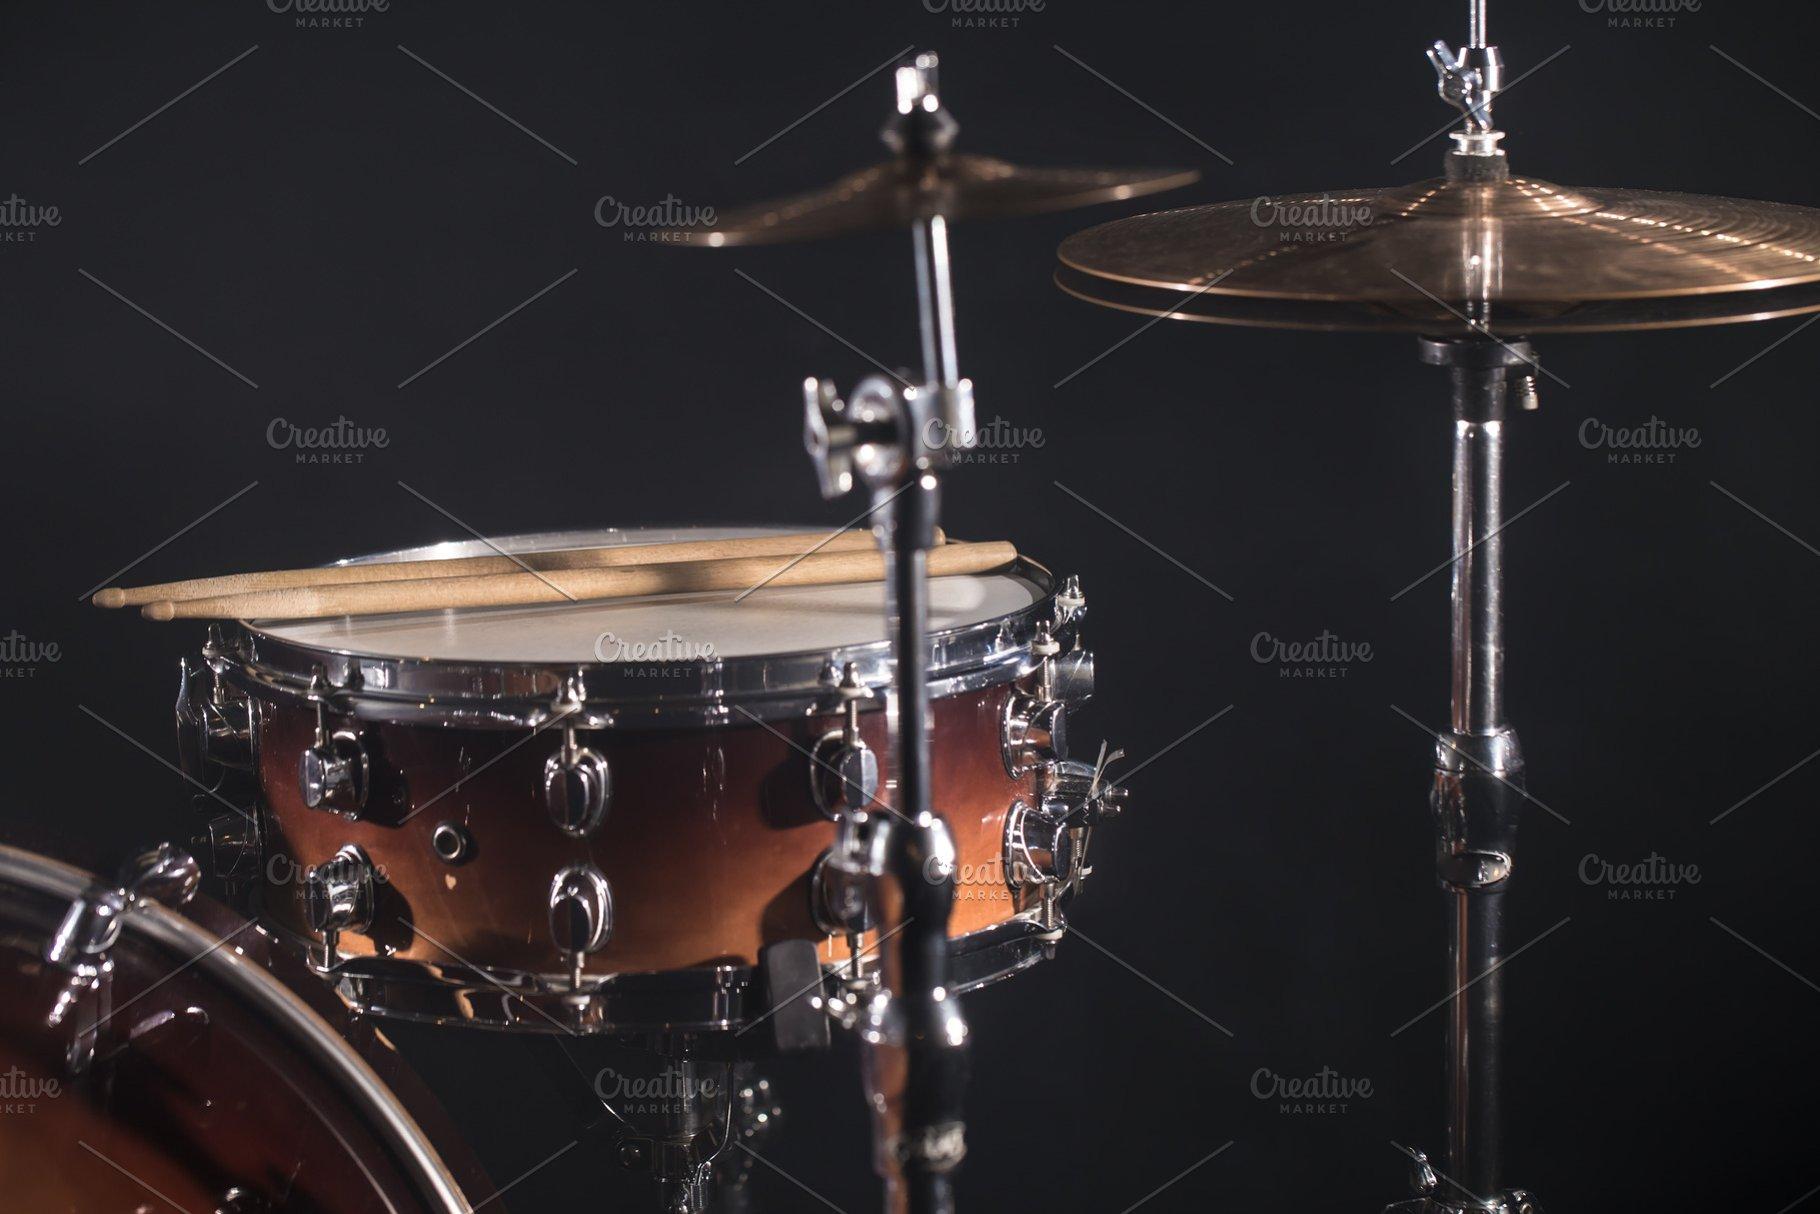 Drum Set On A Dark Background